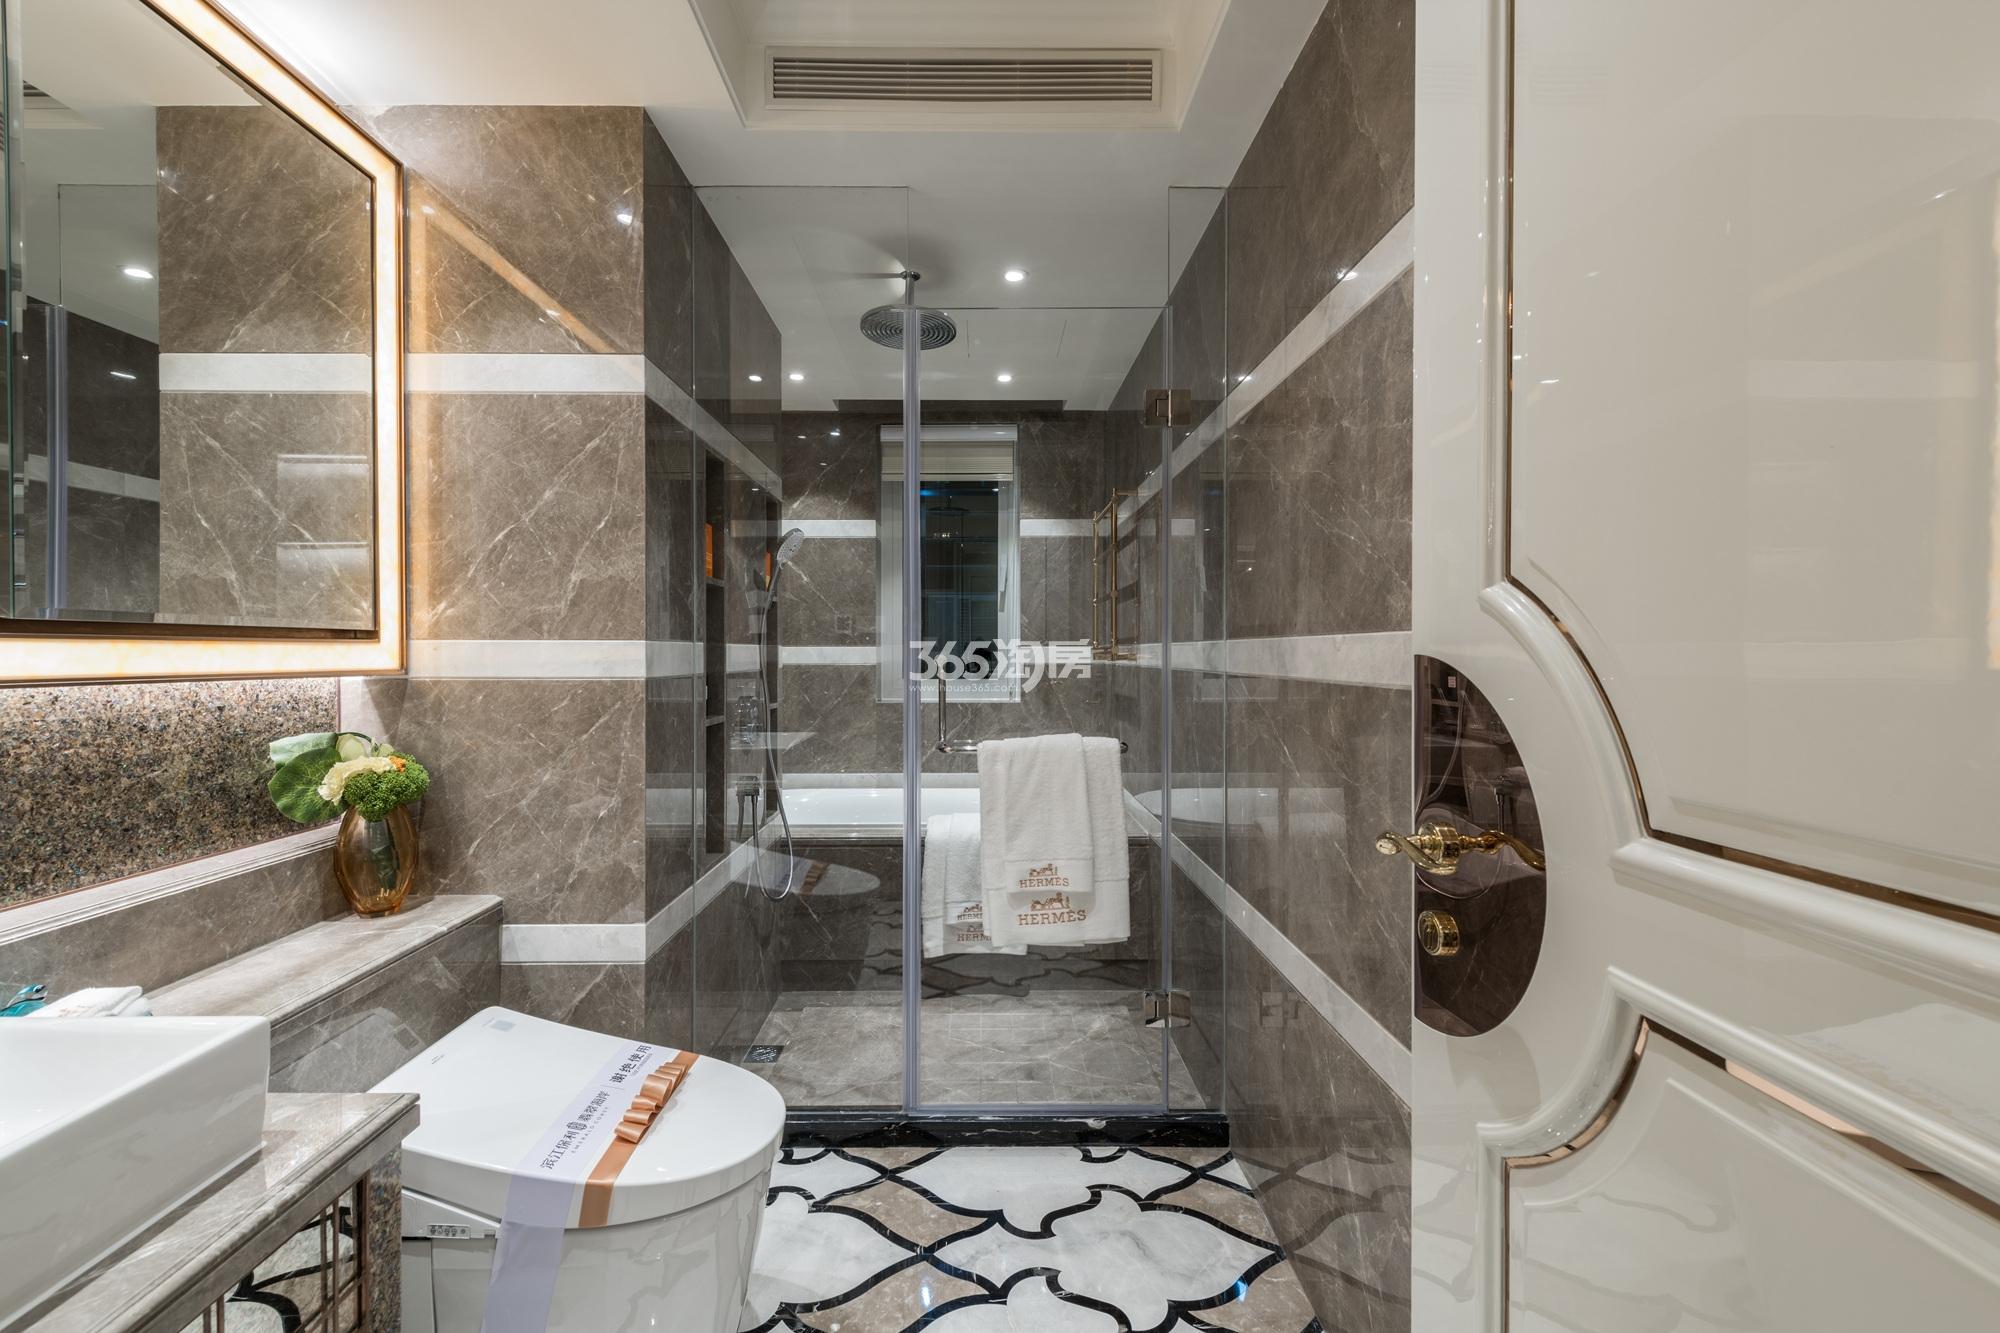 滨江保利翡翠海岸131方(A1户型)海派风样板房---卫浴间